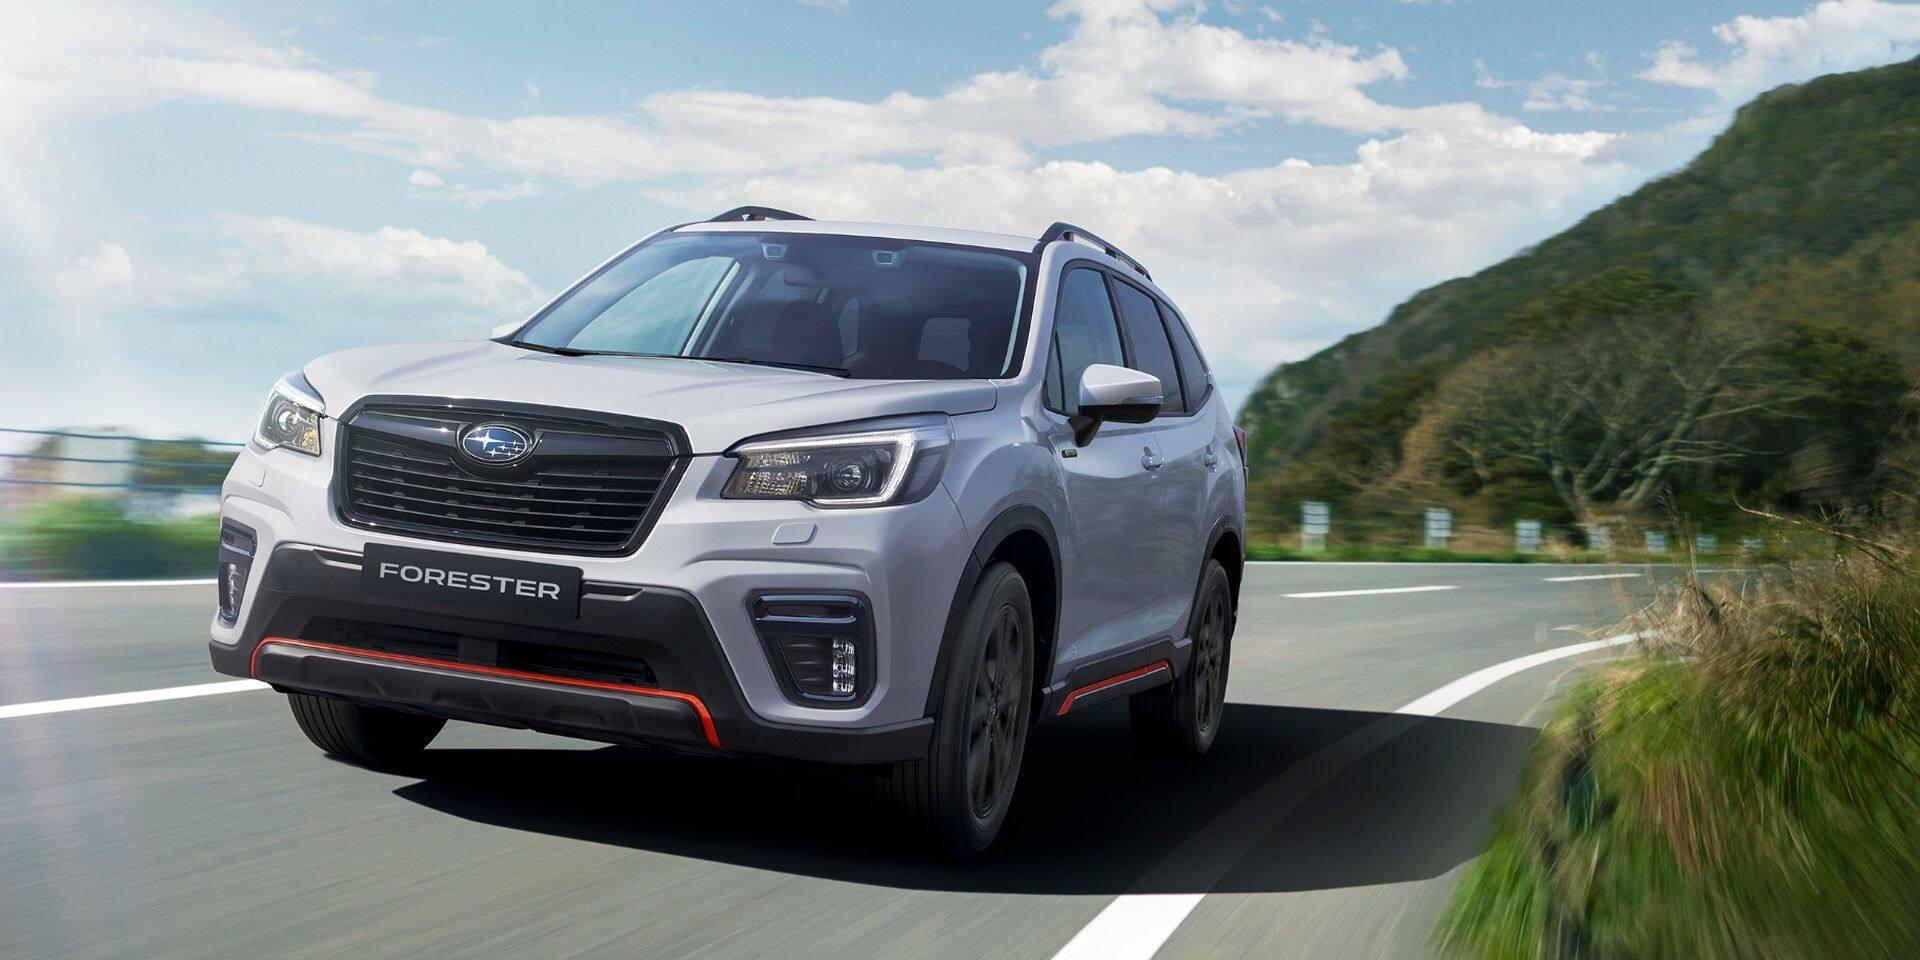 Le Subaru Forester s'offre une finition sportive